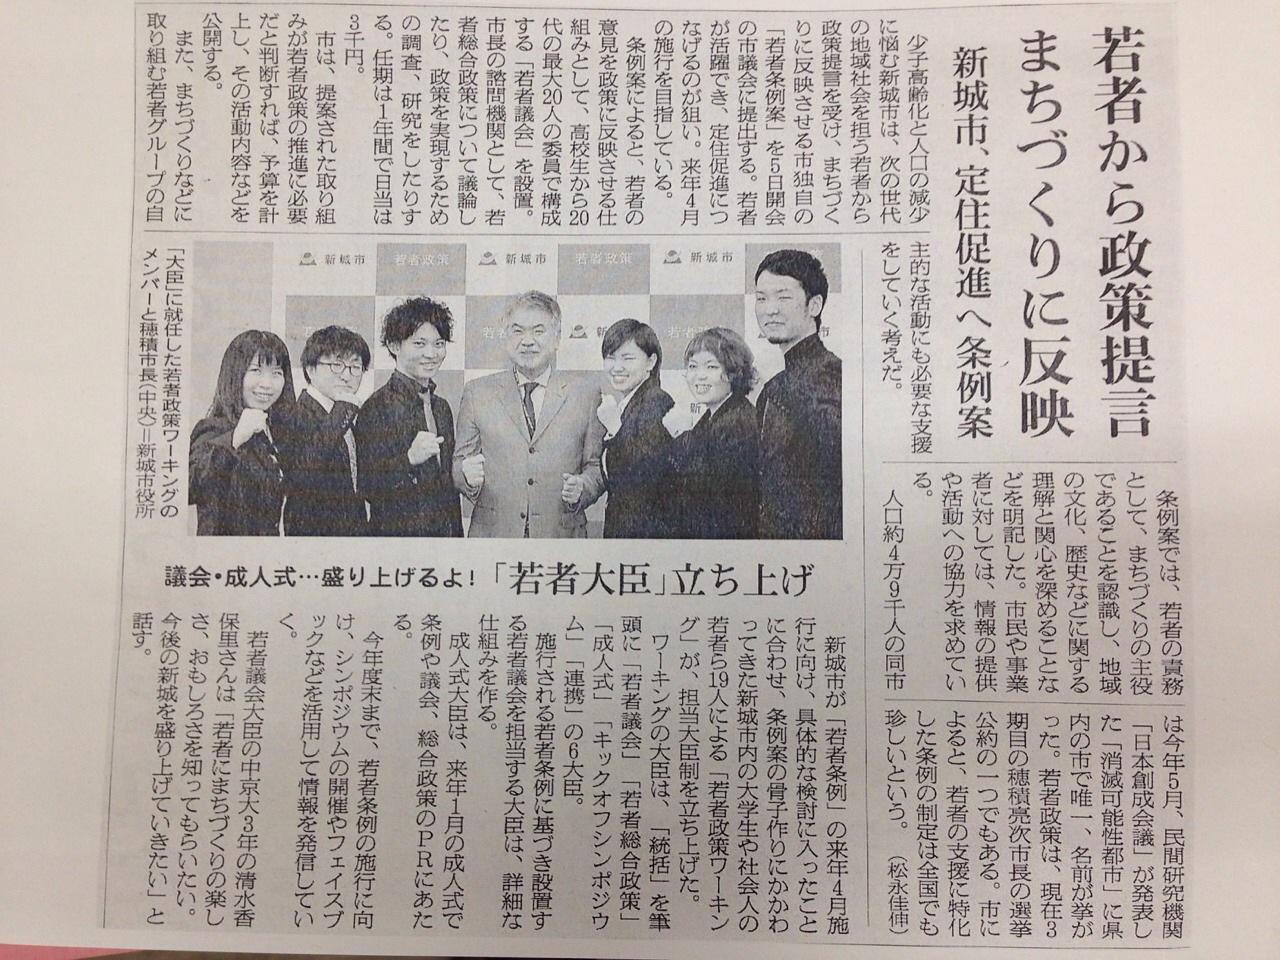 【愛知県新城市】若者ワーキングの大臣制が新聞で取り上げられているよ! (2)